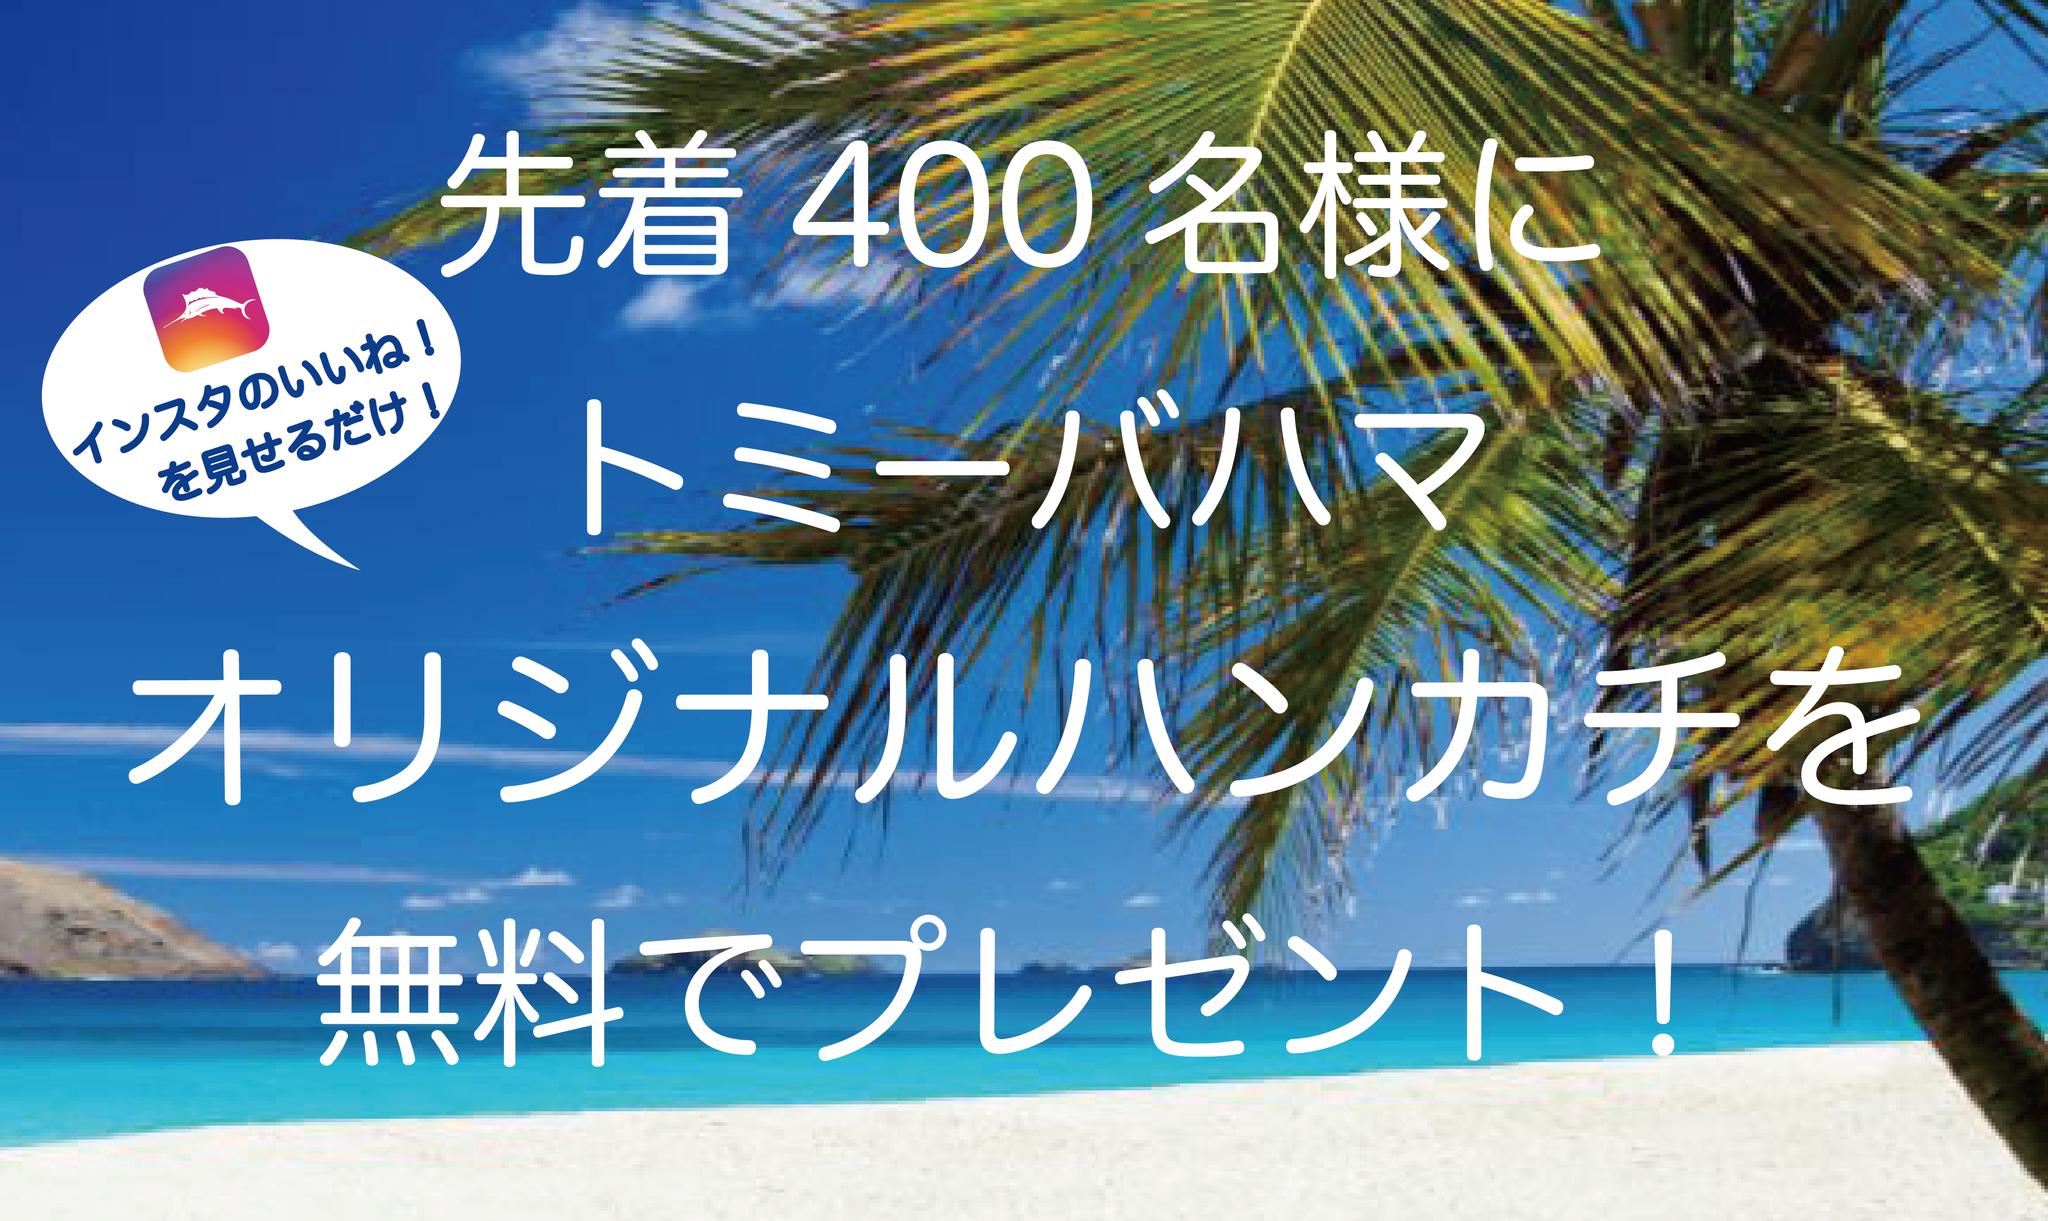 先着400名様にTommy Bahamaオリジナルハンカチを無料でプレゼント!